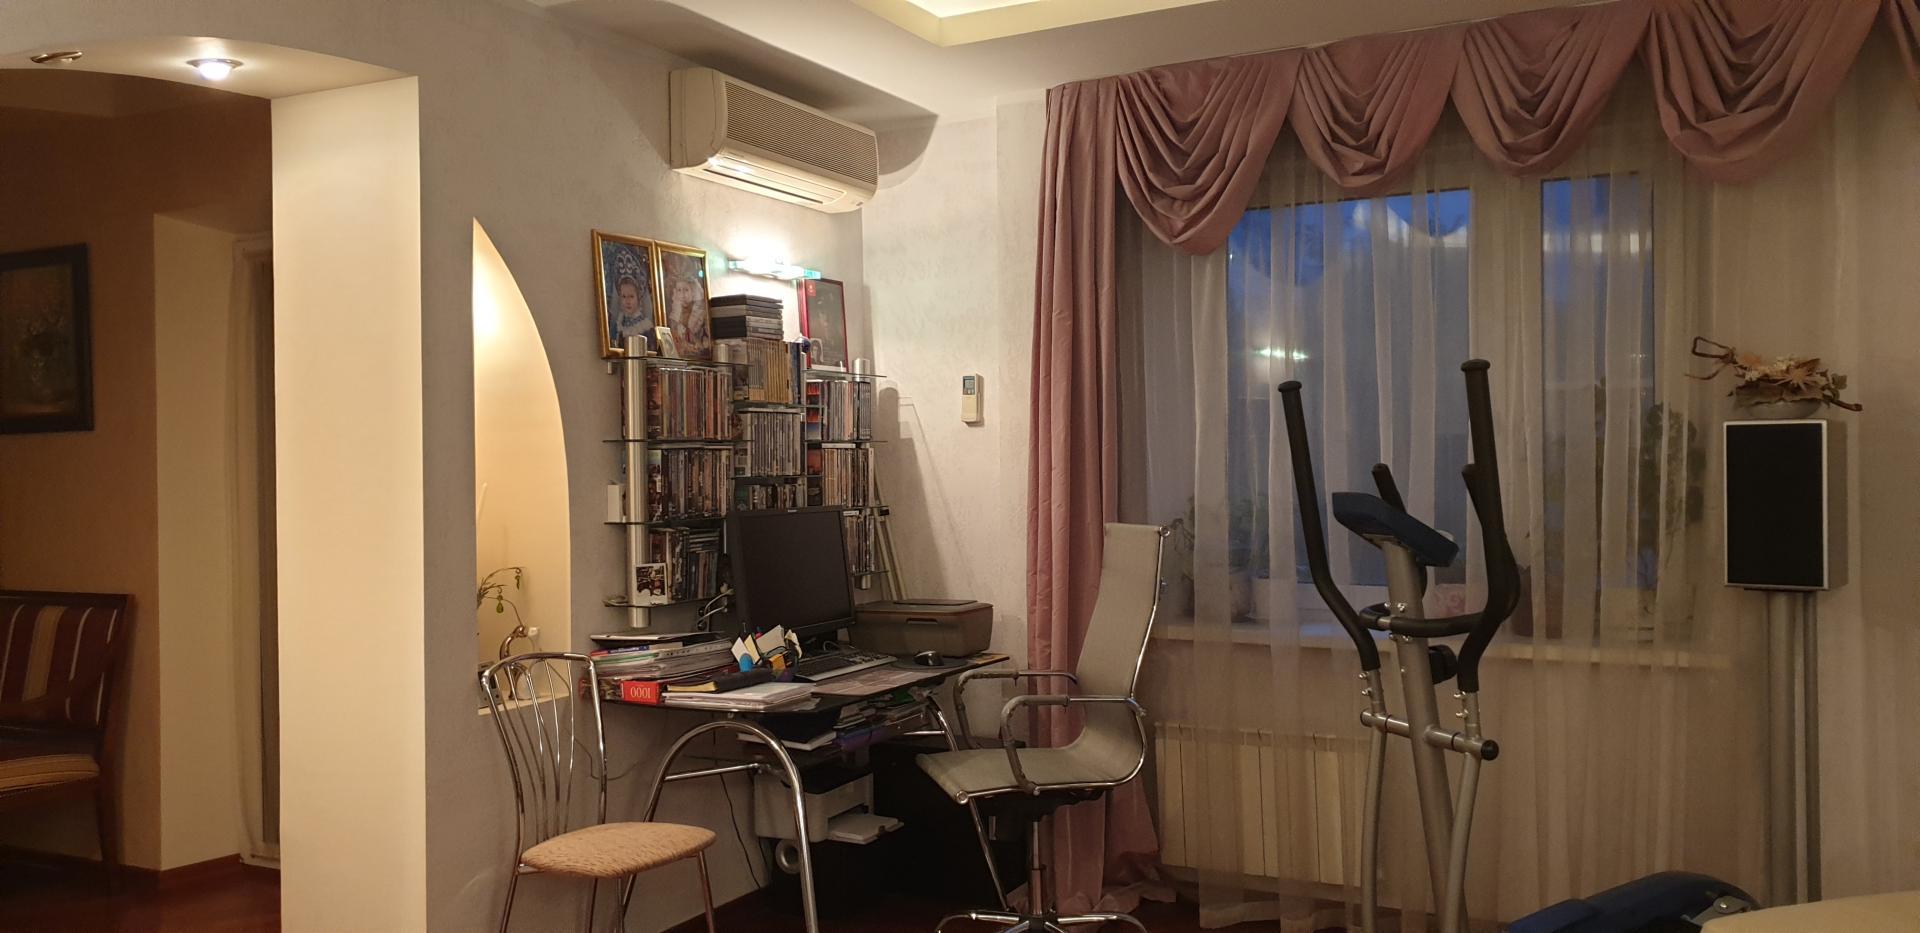 Продам 4-комн. квартиру по адресу Россия, Москва и Московская область, Москва, Азовская улица, 24к1 фото 15 по выгодной цене